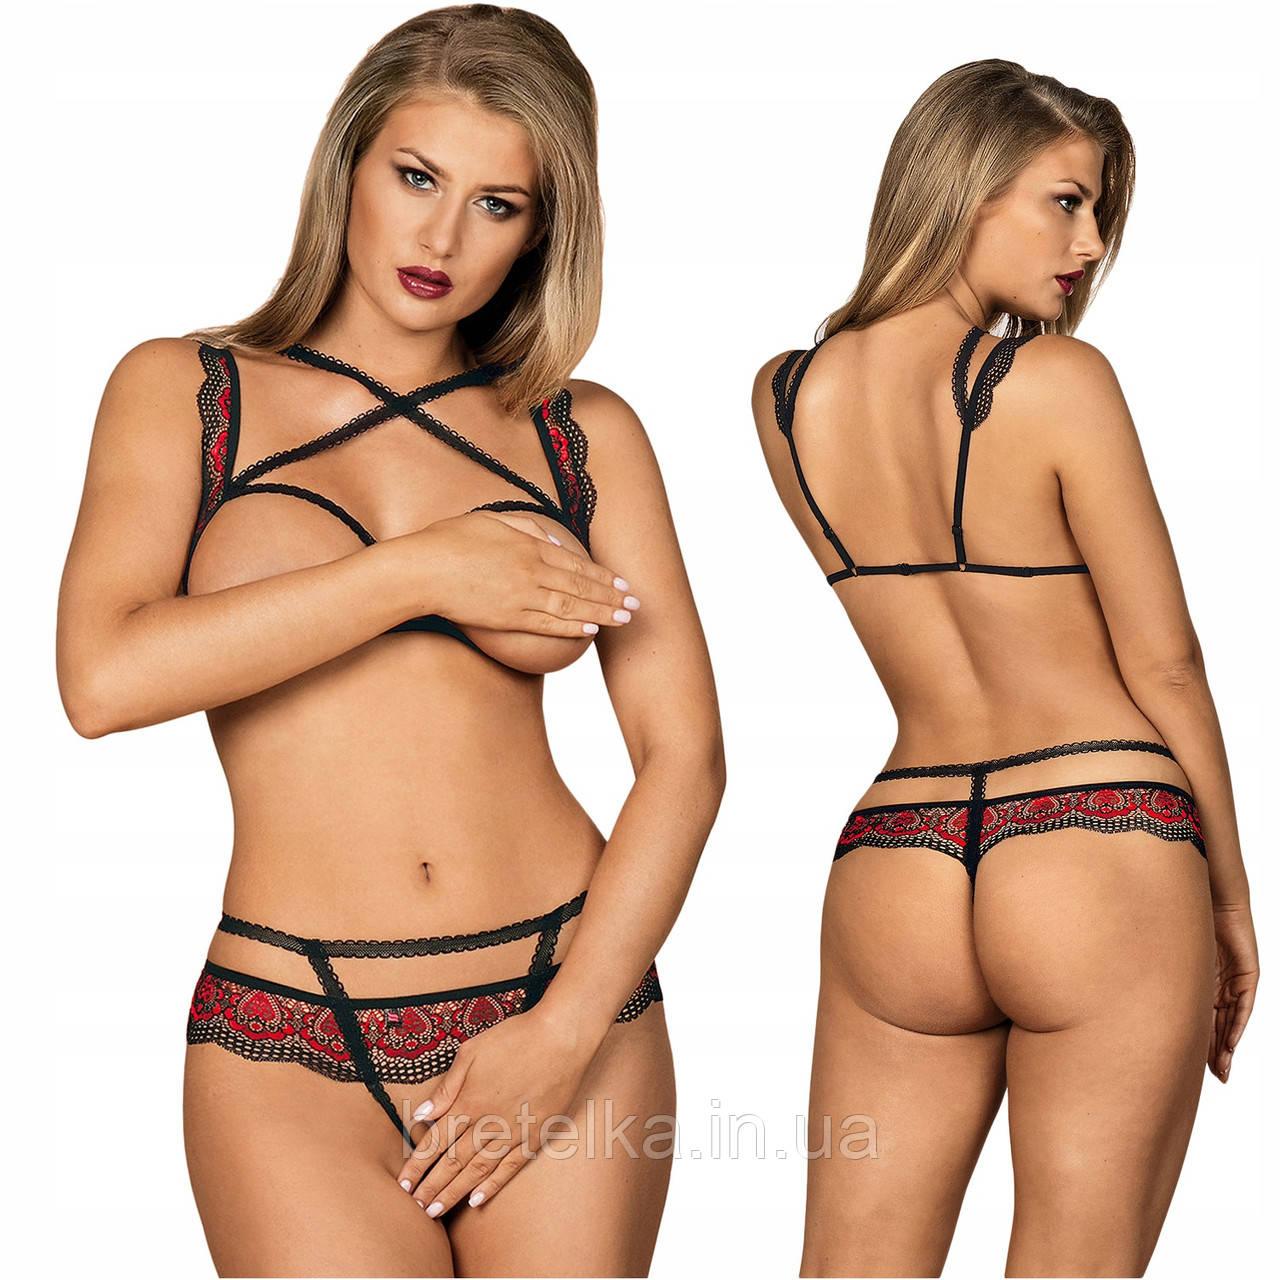 Комплект нижнего белья открытый бюстгальтер и стринги с вырезом черный с красным кружевом Obsessive Megies